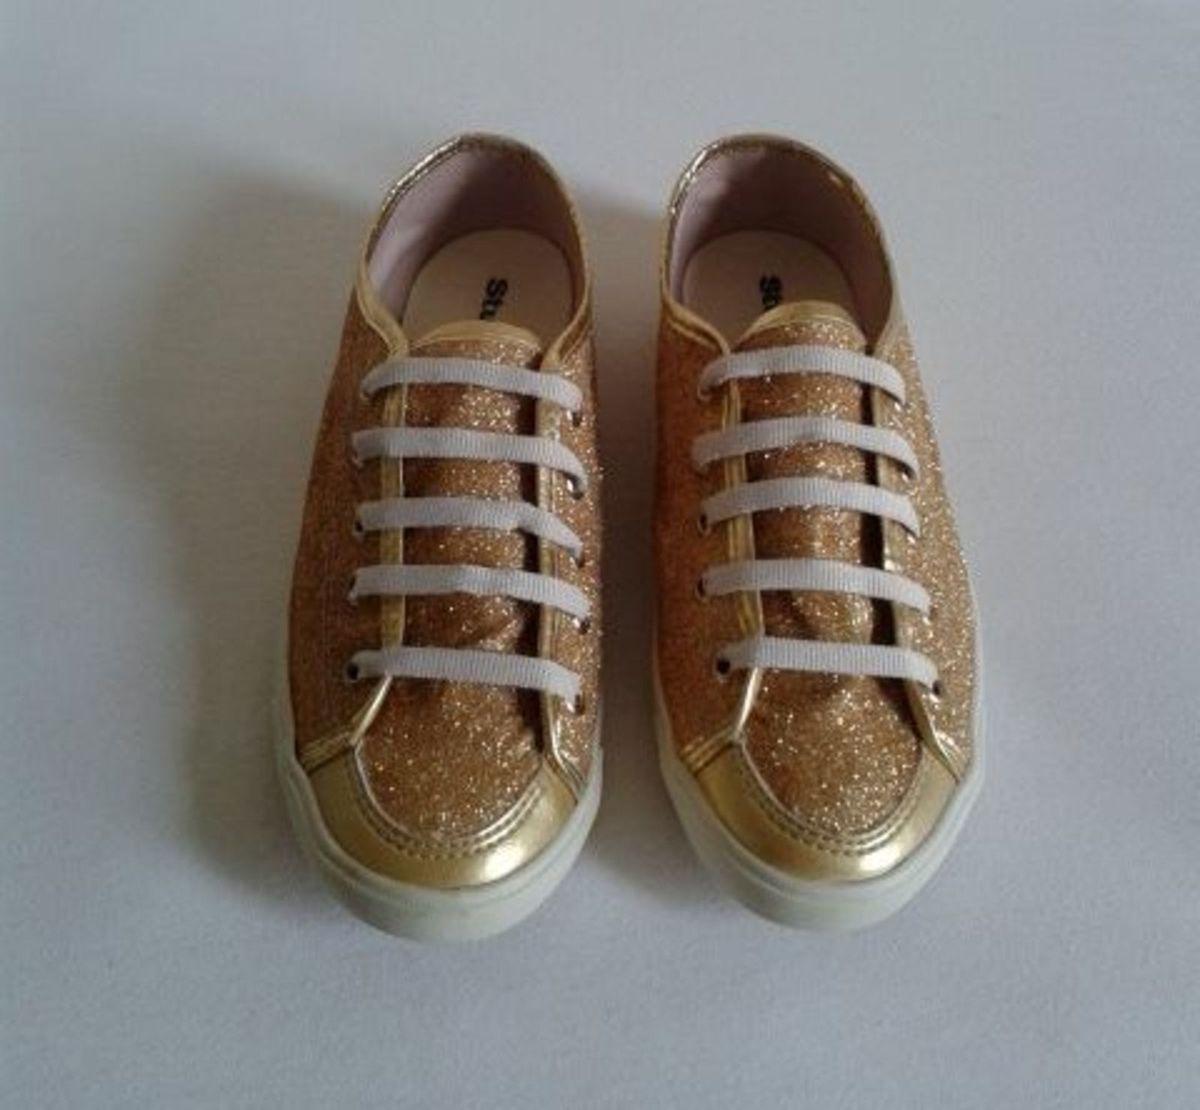 0eec4789b8 tênis glitter dourado - tênis studio z.  Czm6ly9wag90b3muzw5qb2vplmnvbs5ici9wcm9kdwn0cy8ymtqyos9hm2yyothkmdy1mdjkywy0mgviotjmztkzymfjmjk4oc5qcgc